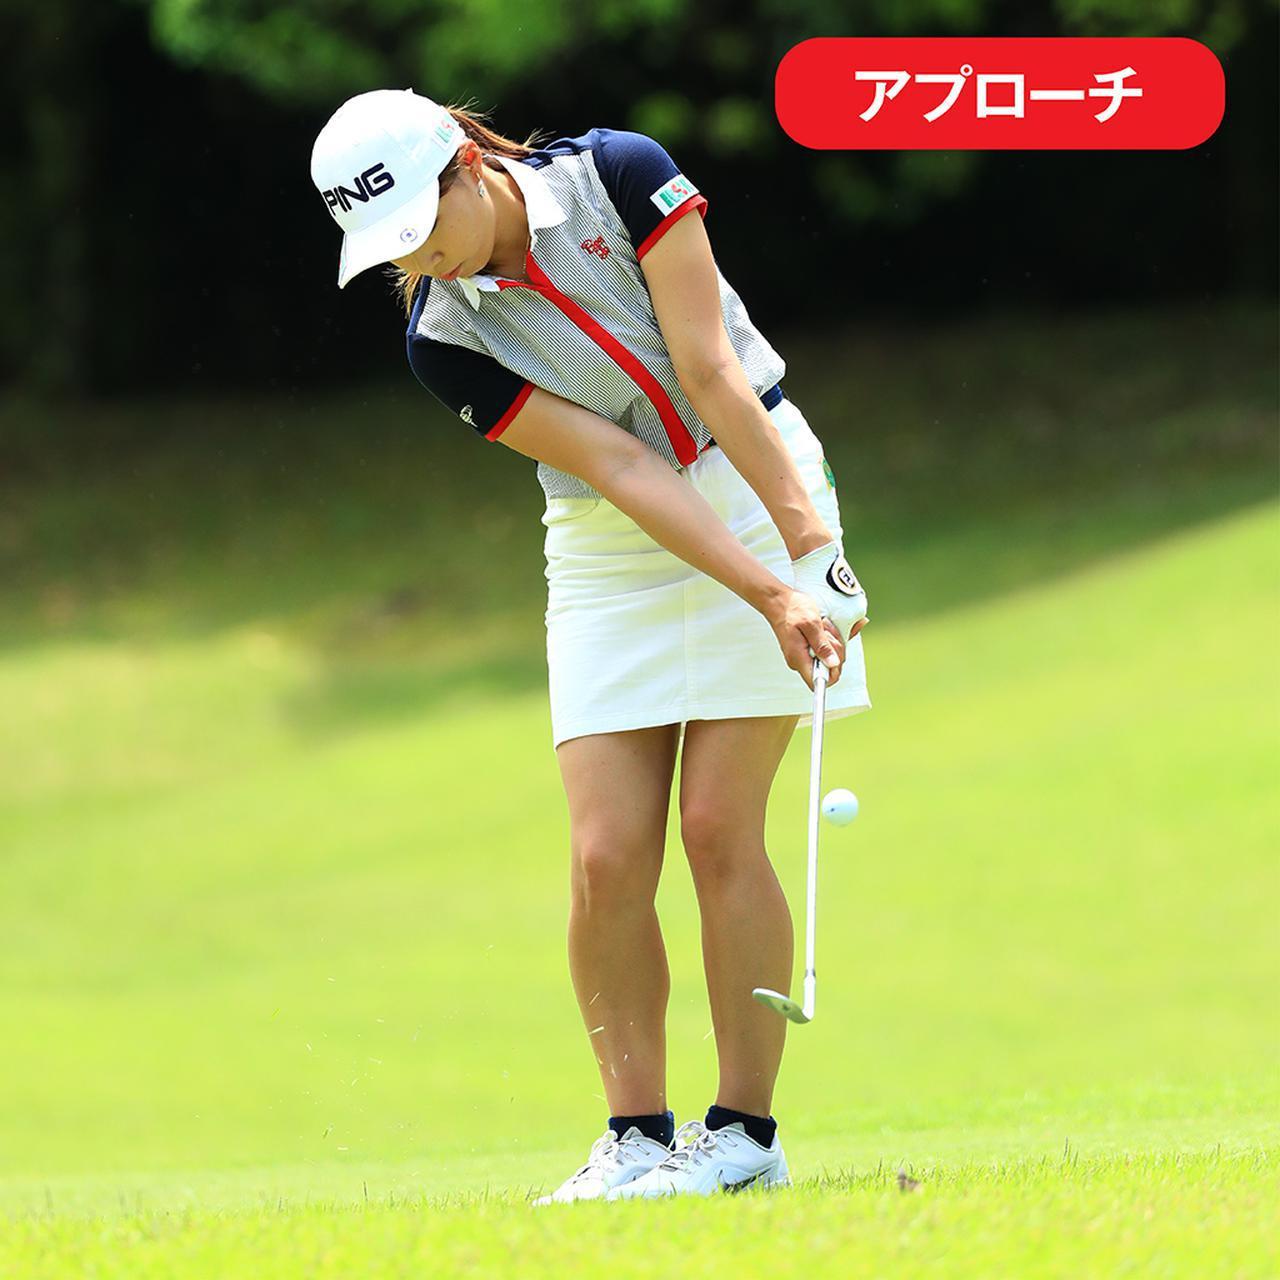 画像15: 【アプローチ】しぶこの10㍎練習法①。青木翔コーチ流、飛んで曲がらないショット力が手に入る!